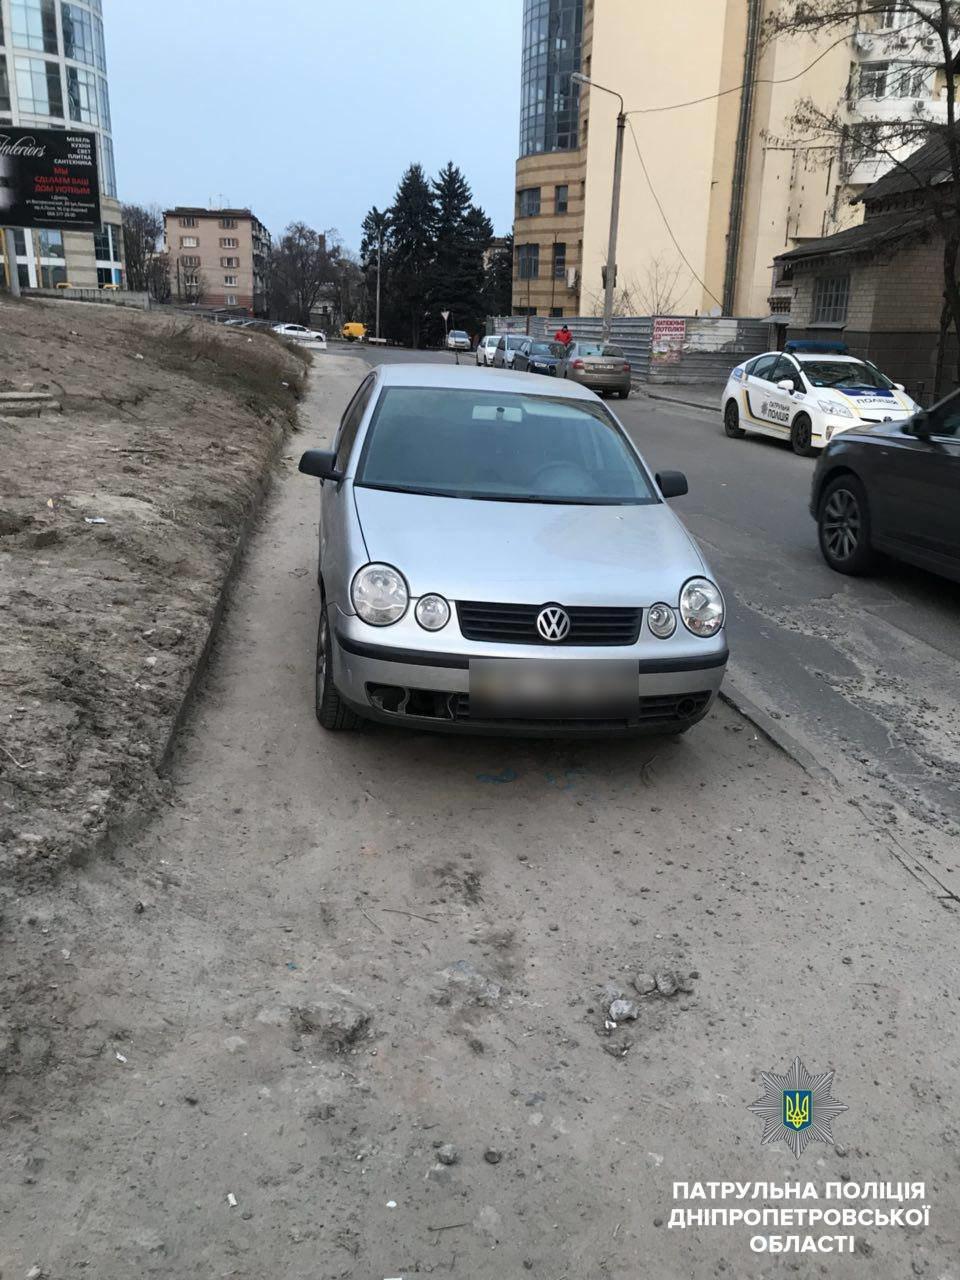 В Днепре за неправильную парковку эвакуируют машины (ФОТО), фото-2